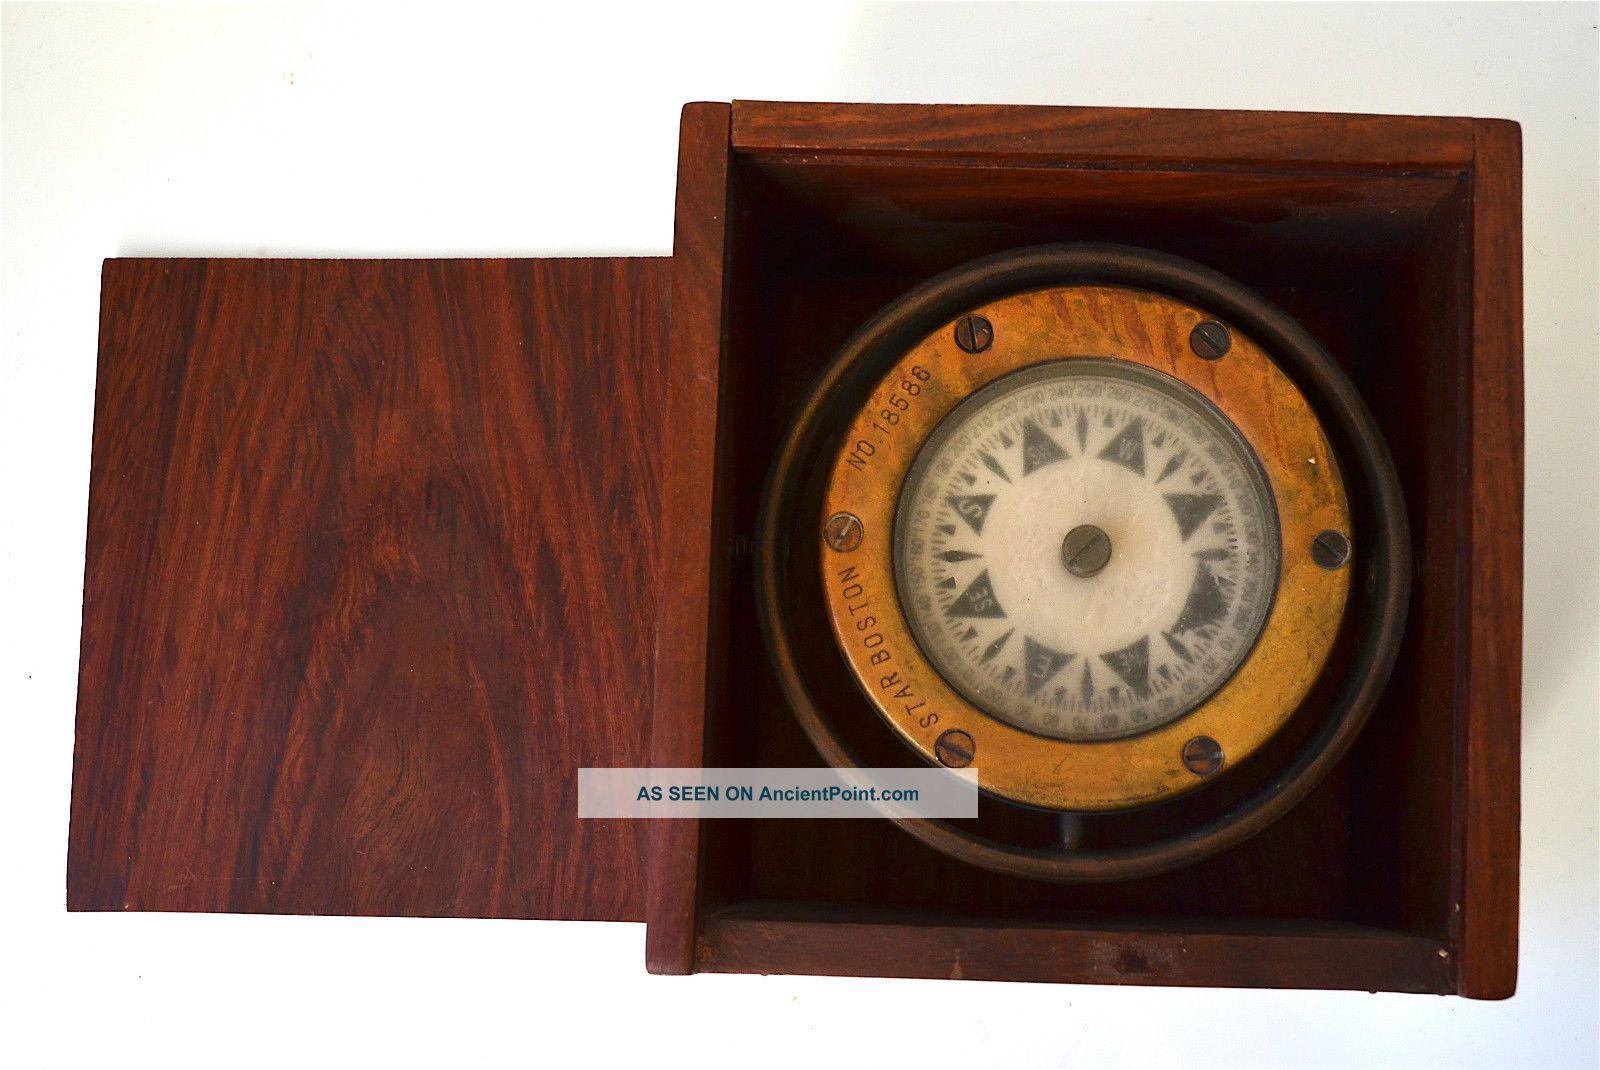 S.  S.  Atlantic 1905 Compass Star Boston No.  18586 In Wooden Box Compasses photo